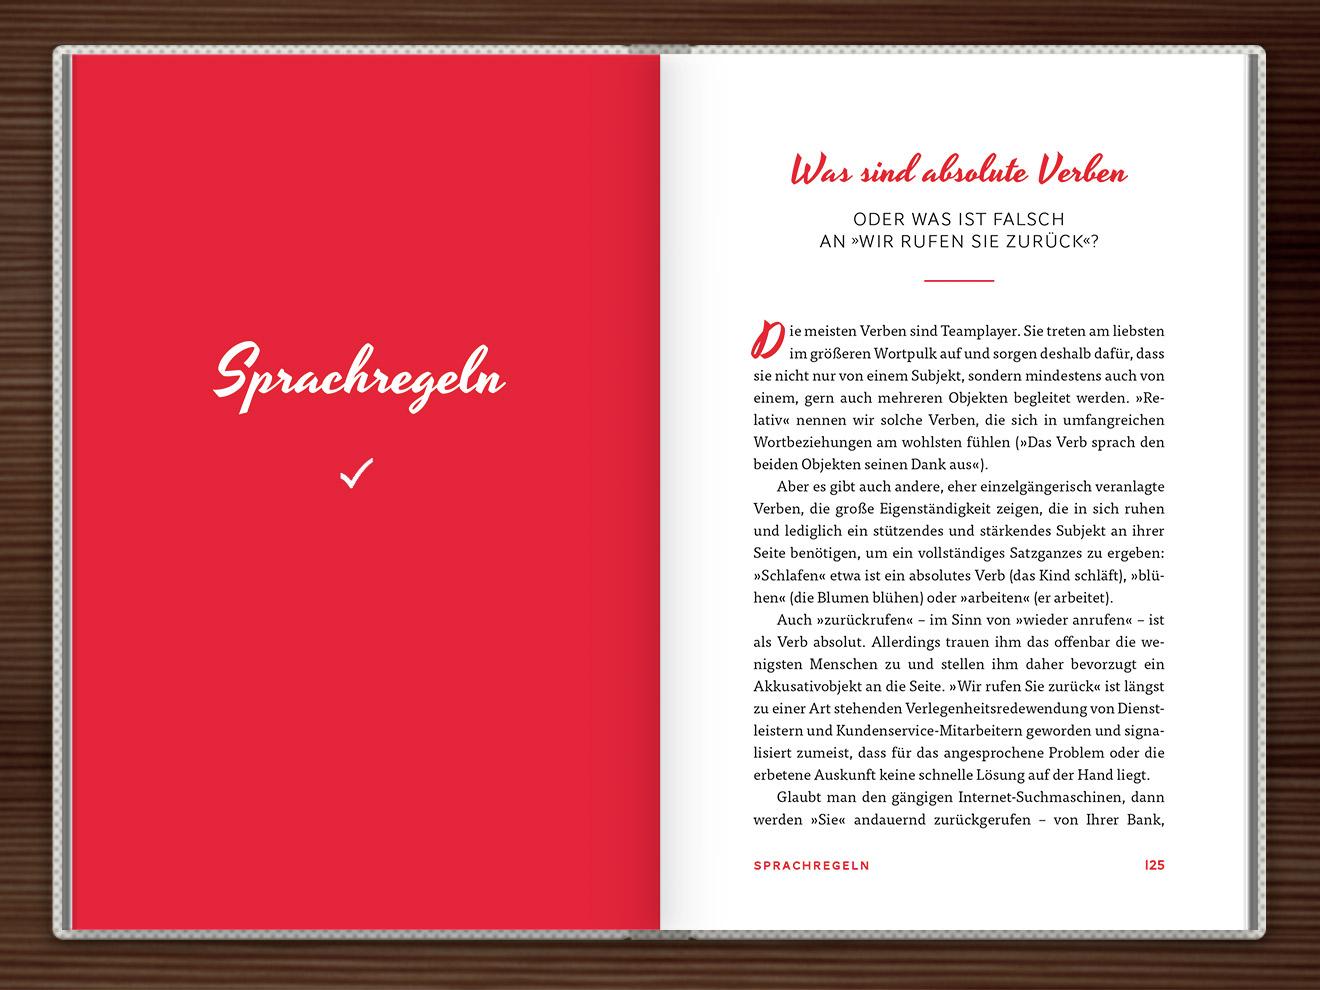 Sprachregeln im Buch Du hast das Wort, Schätzchen! 100 charmante Geschichten rund um die Sprache im Duden Verlag von Rita Mielke mit Illustrationen im Sixties-Stil von Iris Luckhaus